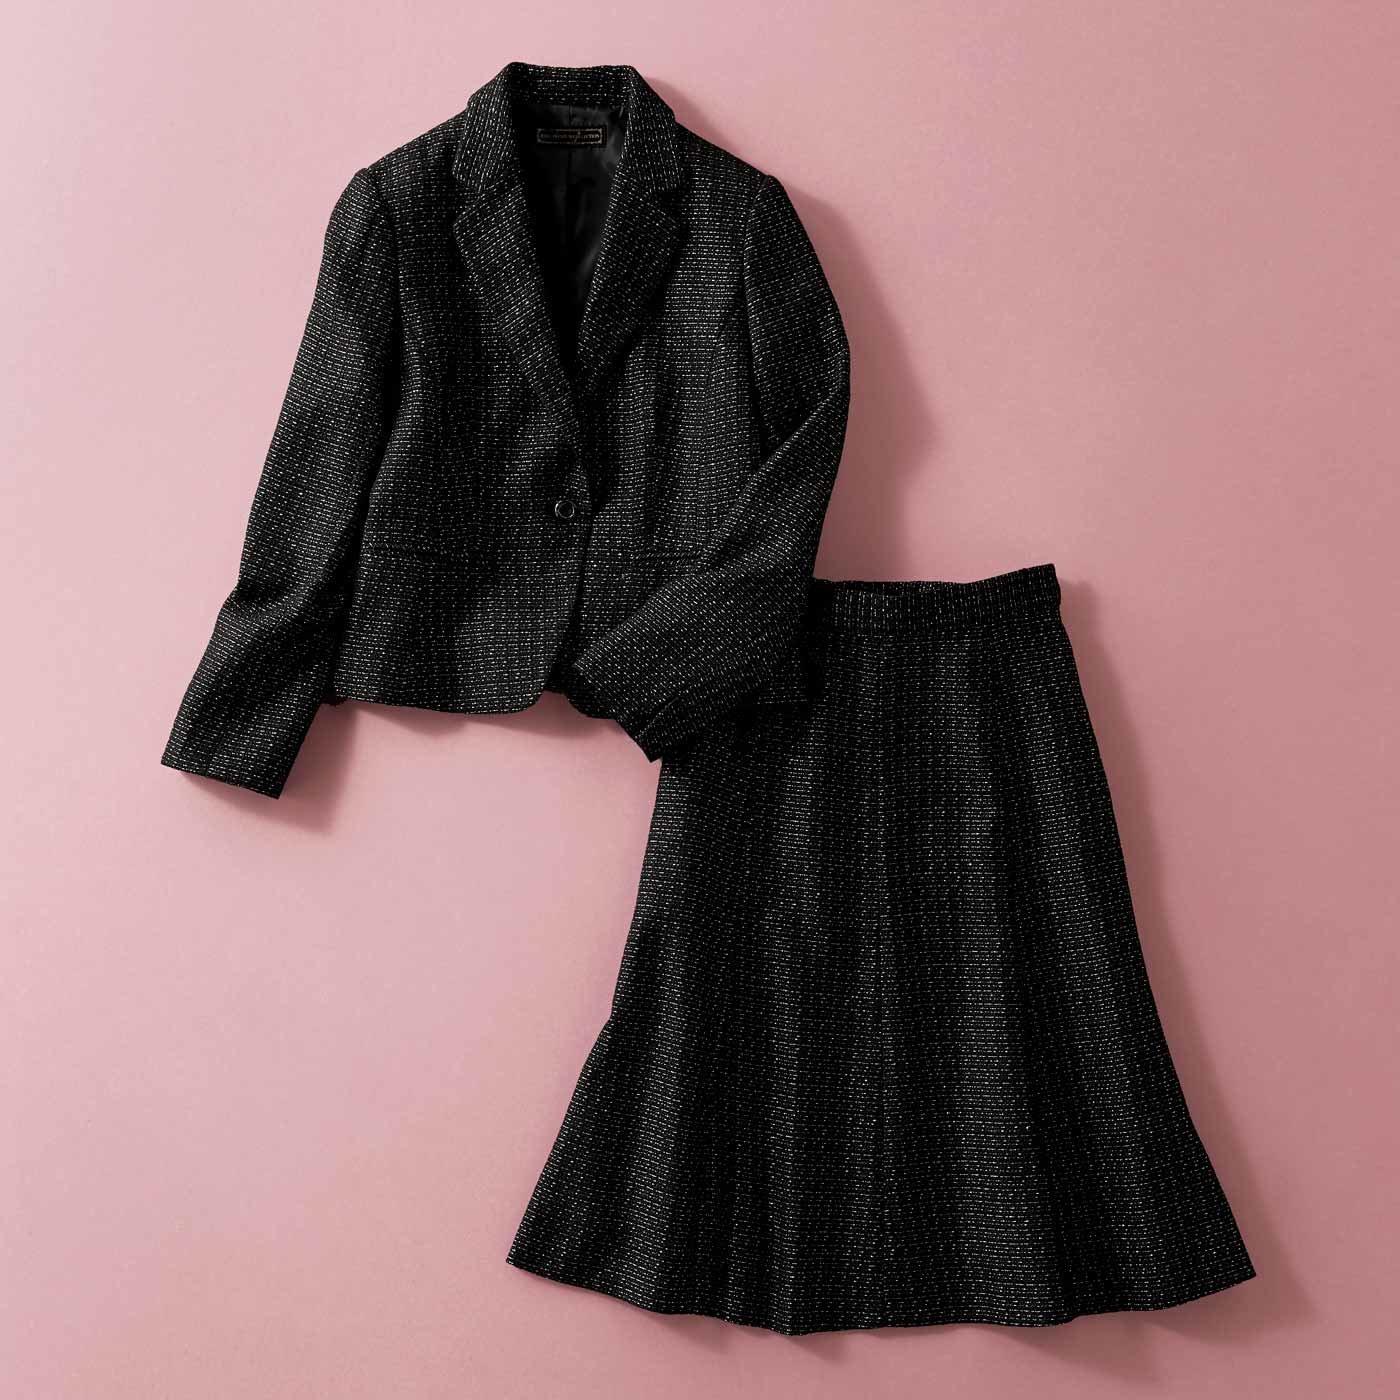 【3~10日でお届け】凛とした華やぎで魅了する 正統派セットアップスーツ〈ブラック〉